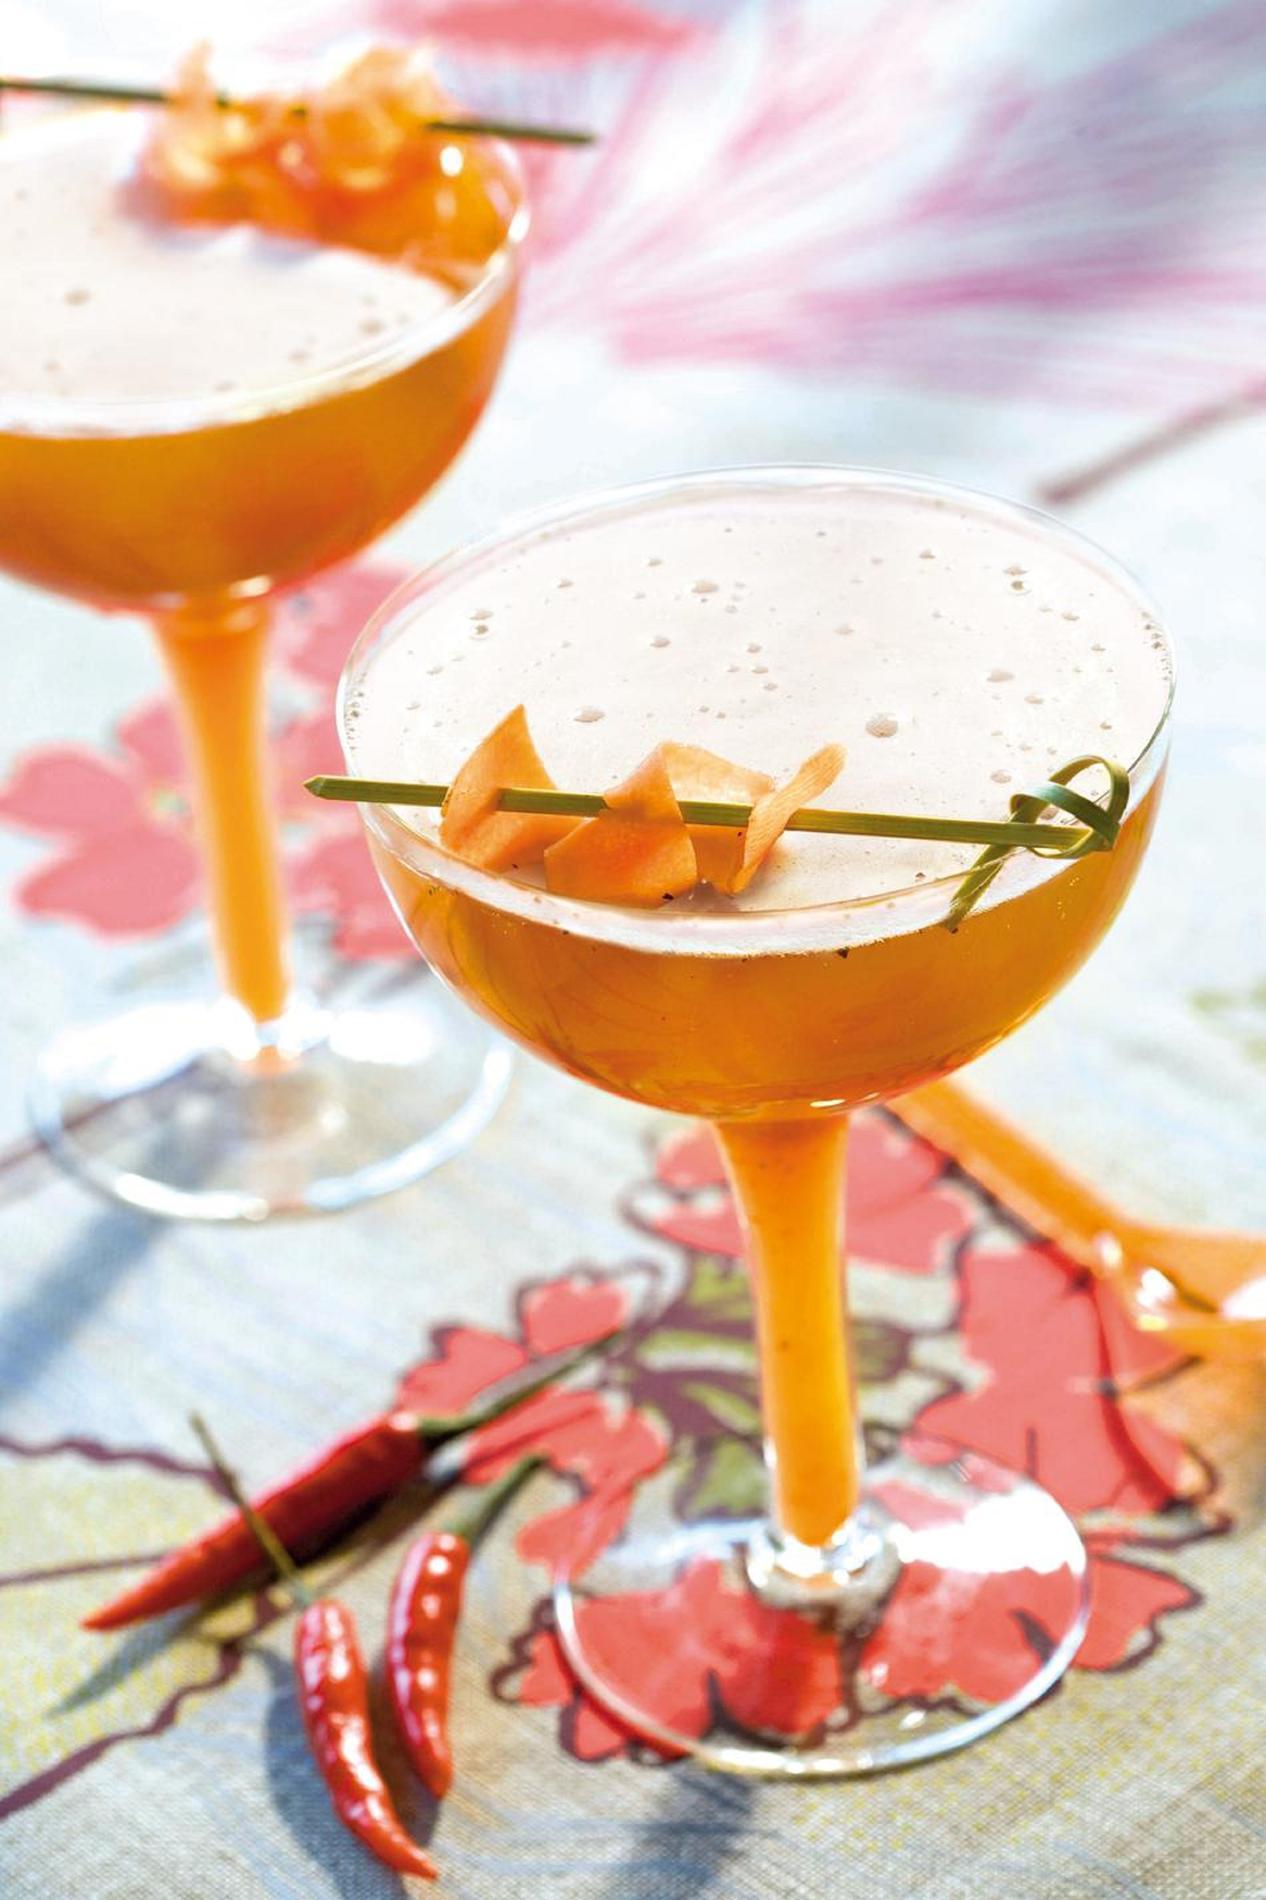 Recette Legumes Et Biere Blonde Sans Alcool Cuisine Madame Figaro